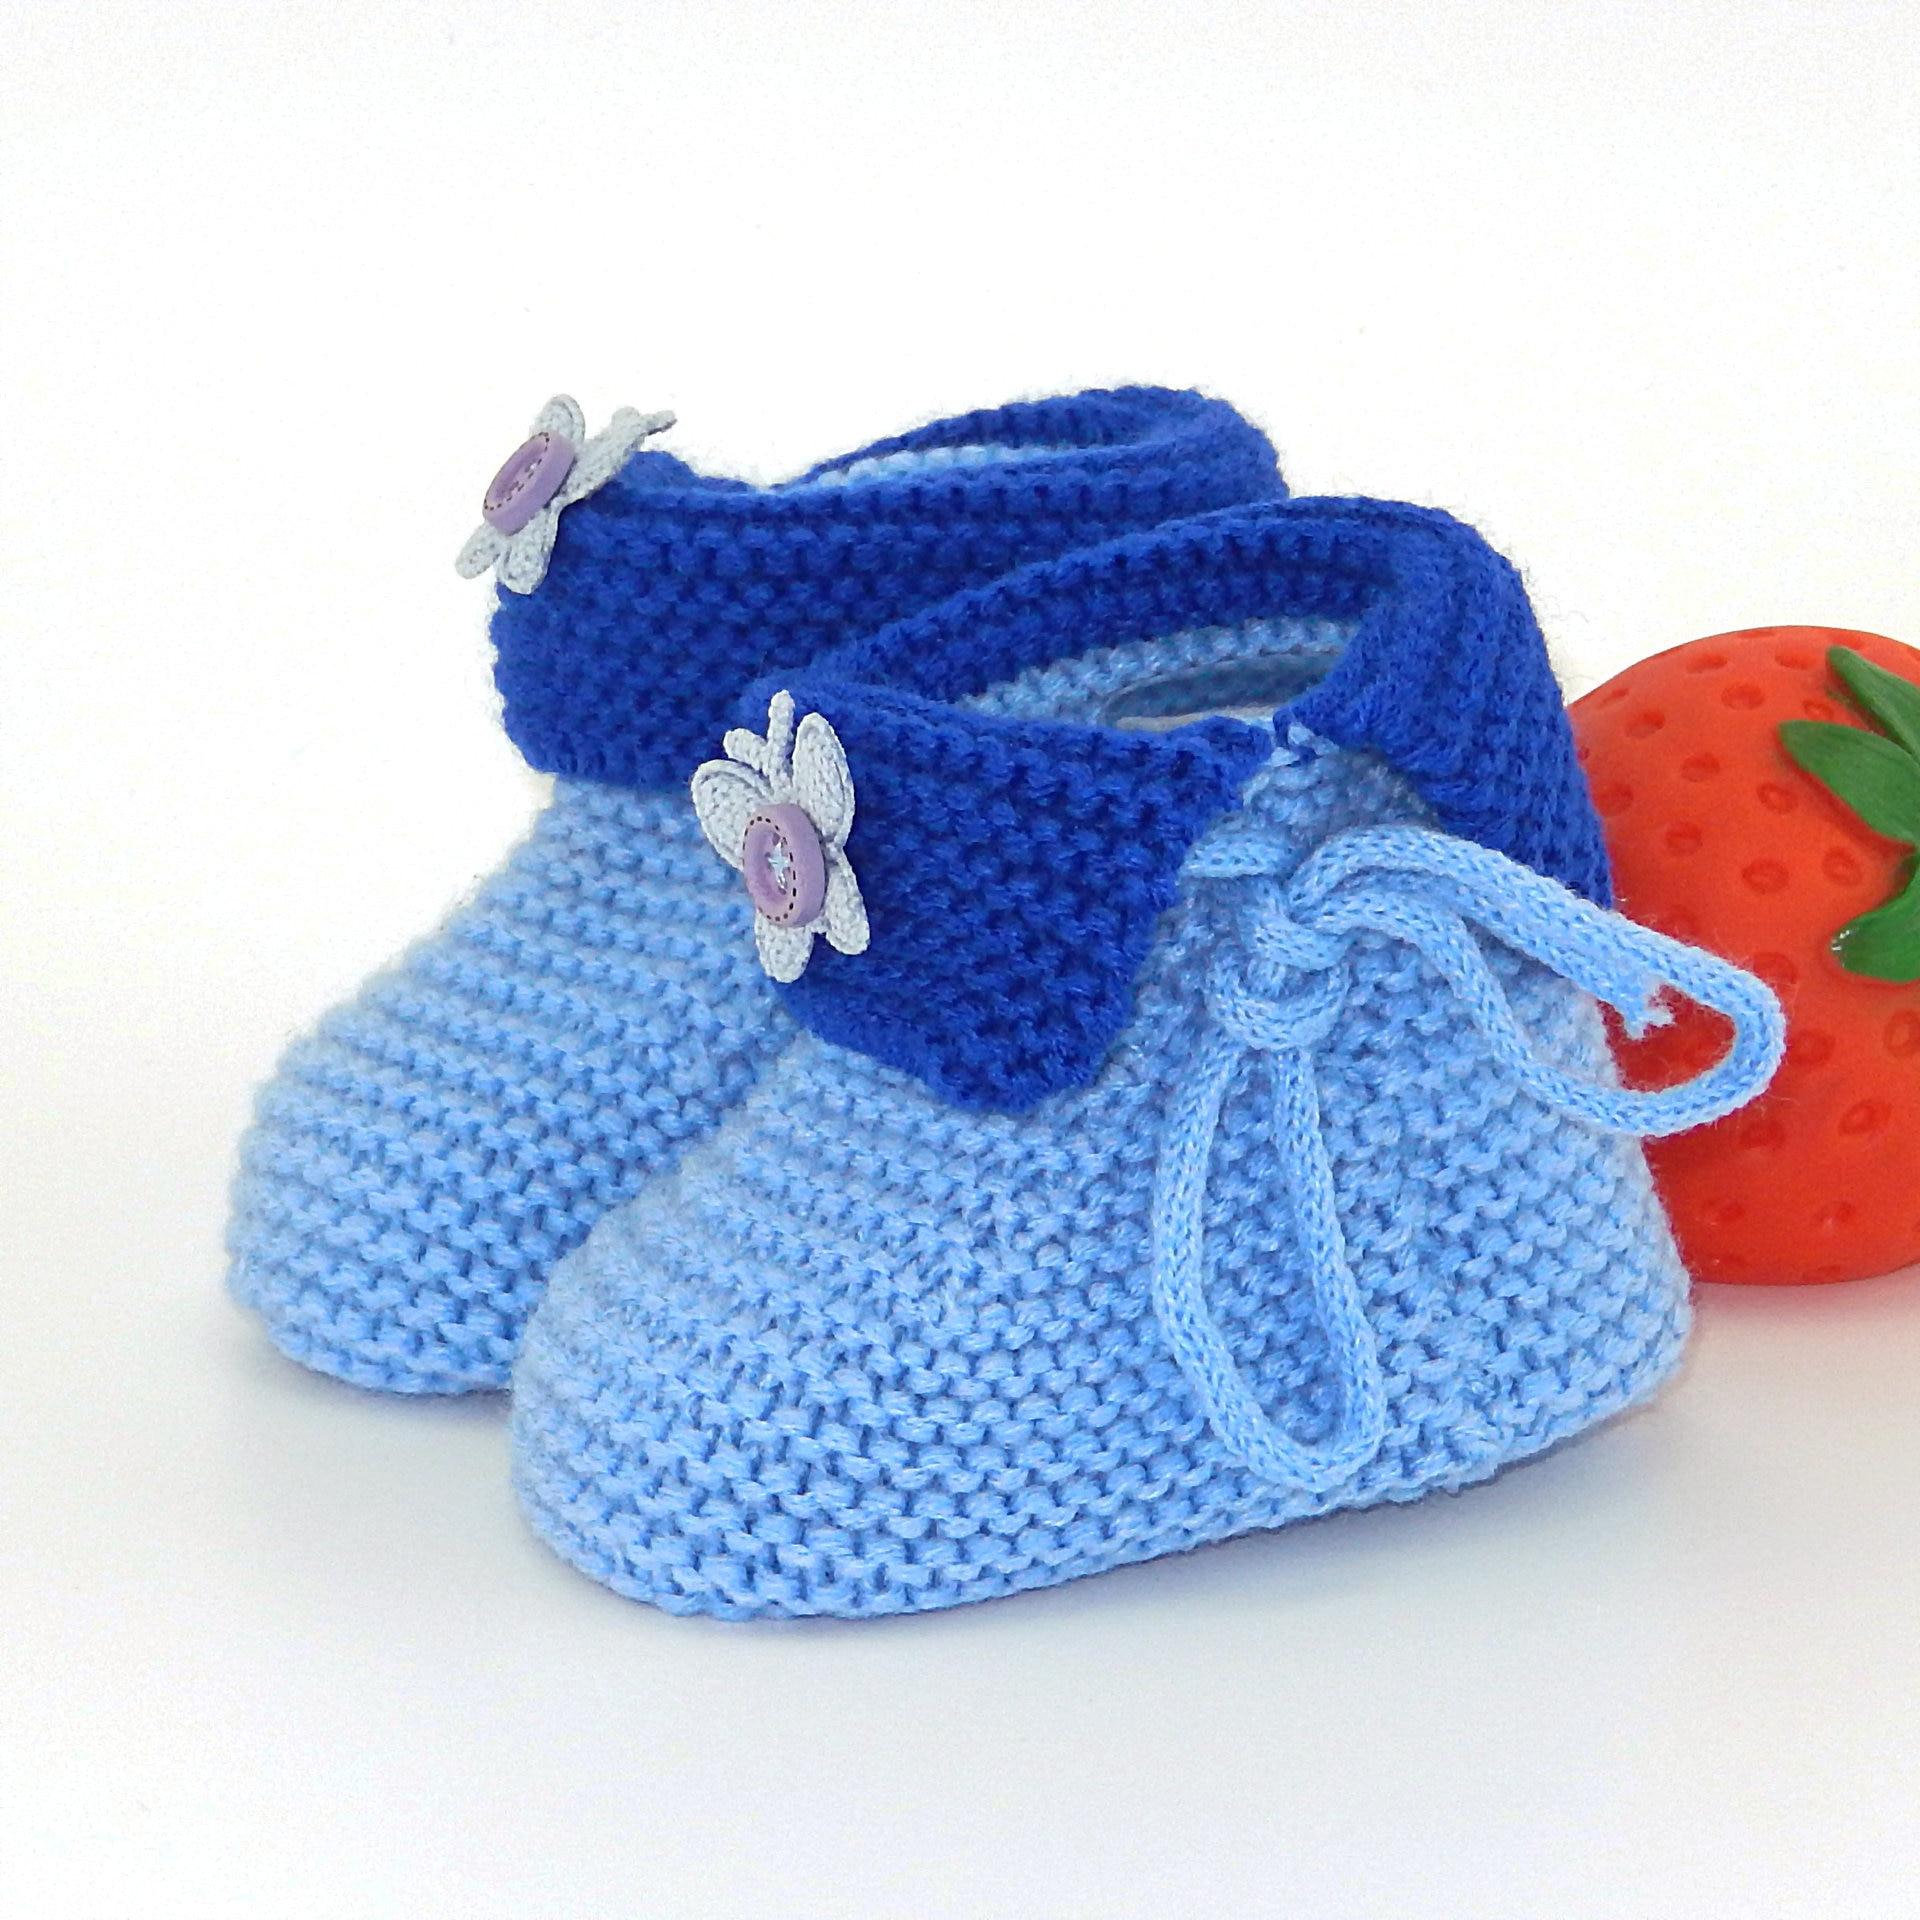 DOGEEK Unisex recién nacido primeros caminantes zapatos para bebé bonitos niña niño calcetín de punto hecho a mano zapatos de bebés pequeños 0-18 meses